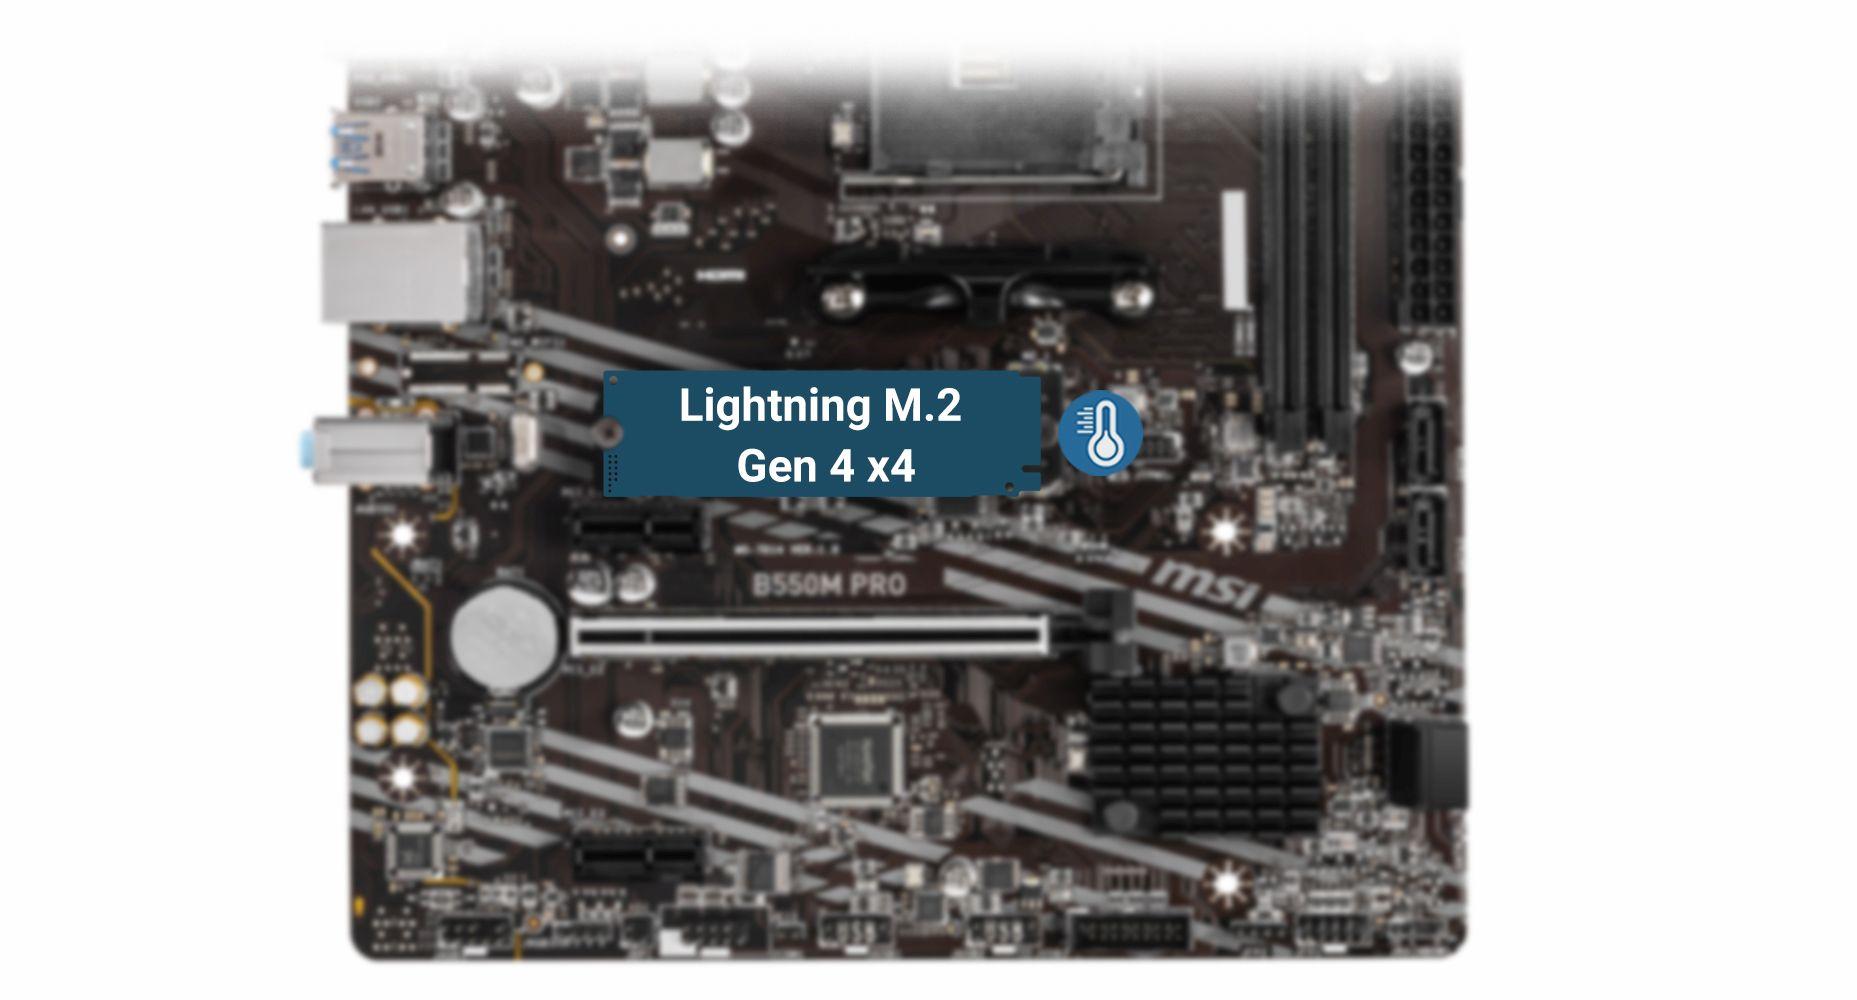 MSI B550M PRO LIGHTNING GEN4 M.2 WITH M.2 SHIELD FROZR